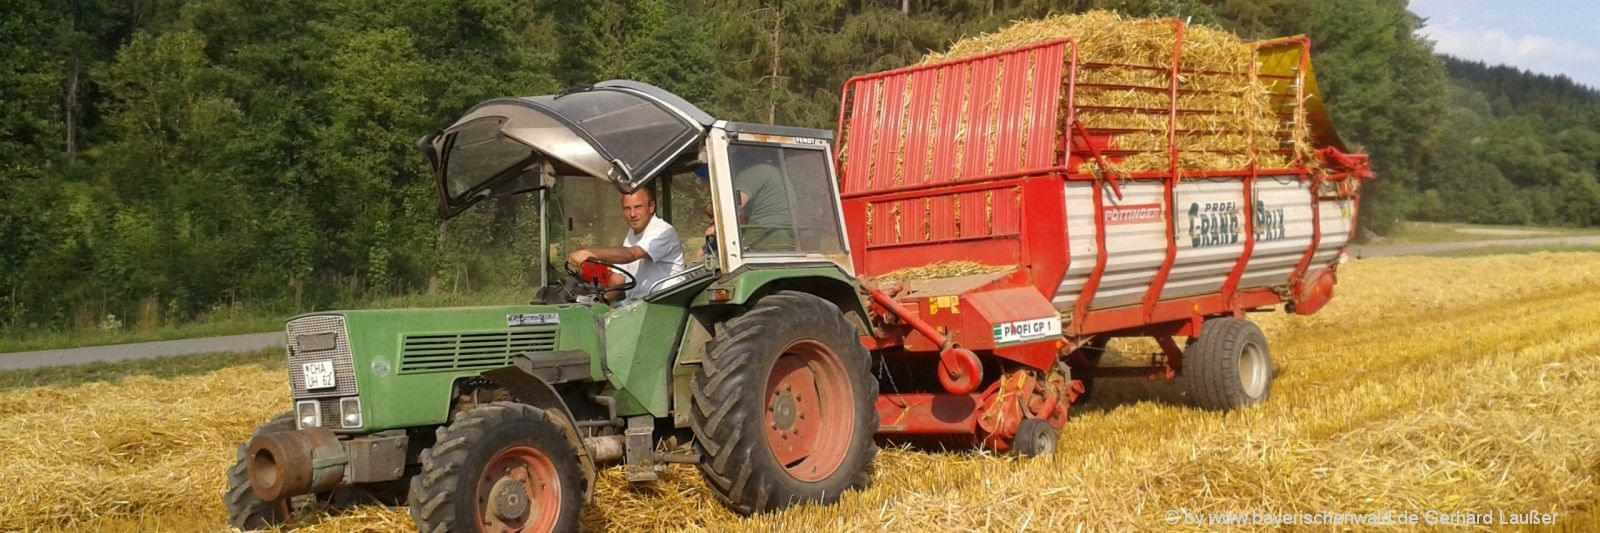 Urlaub auf dem Bauernhof mit Traktor fahren für Erwachsene & Gruppen